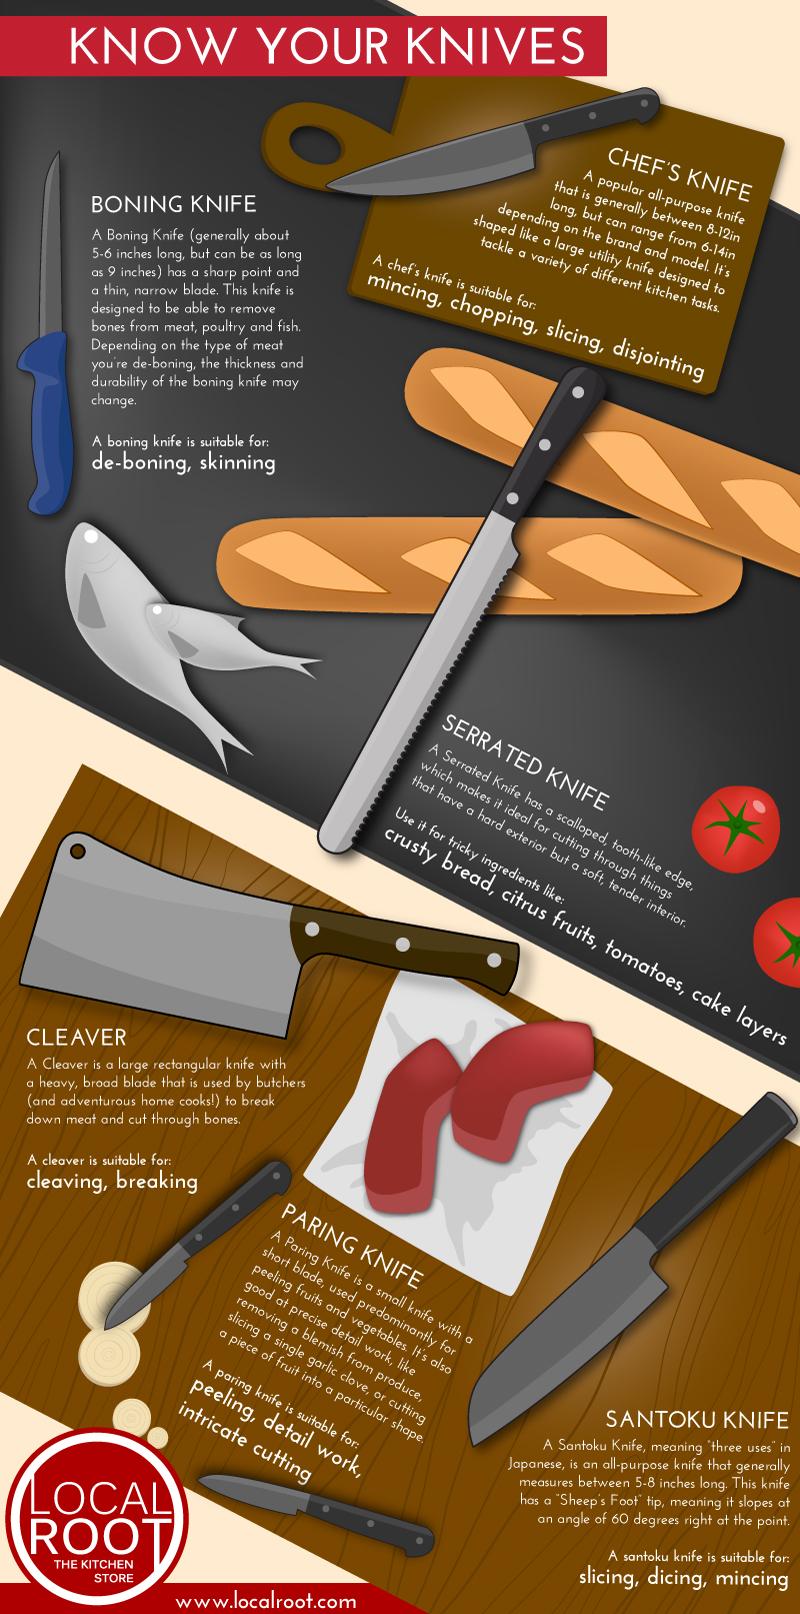 Knife-Infographic.jpg